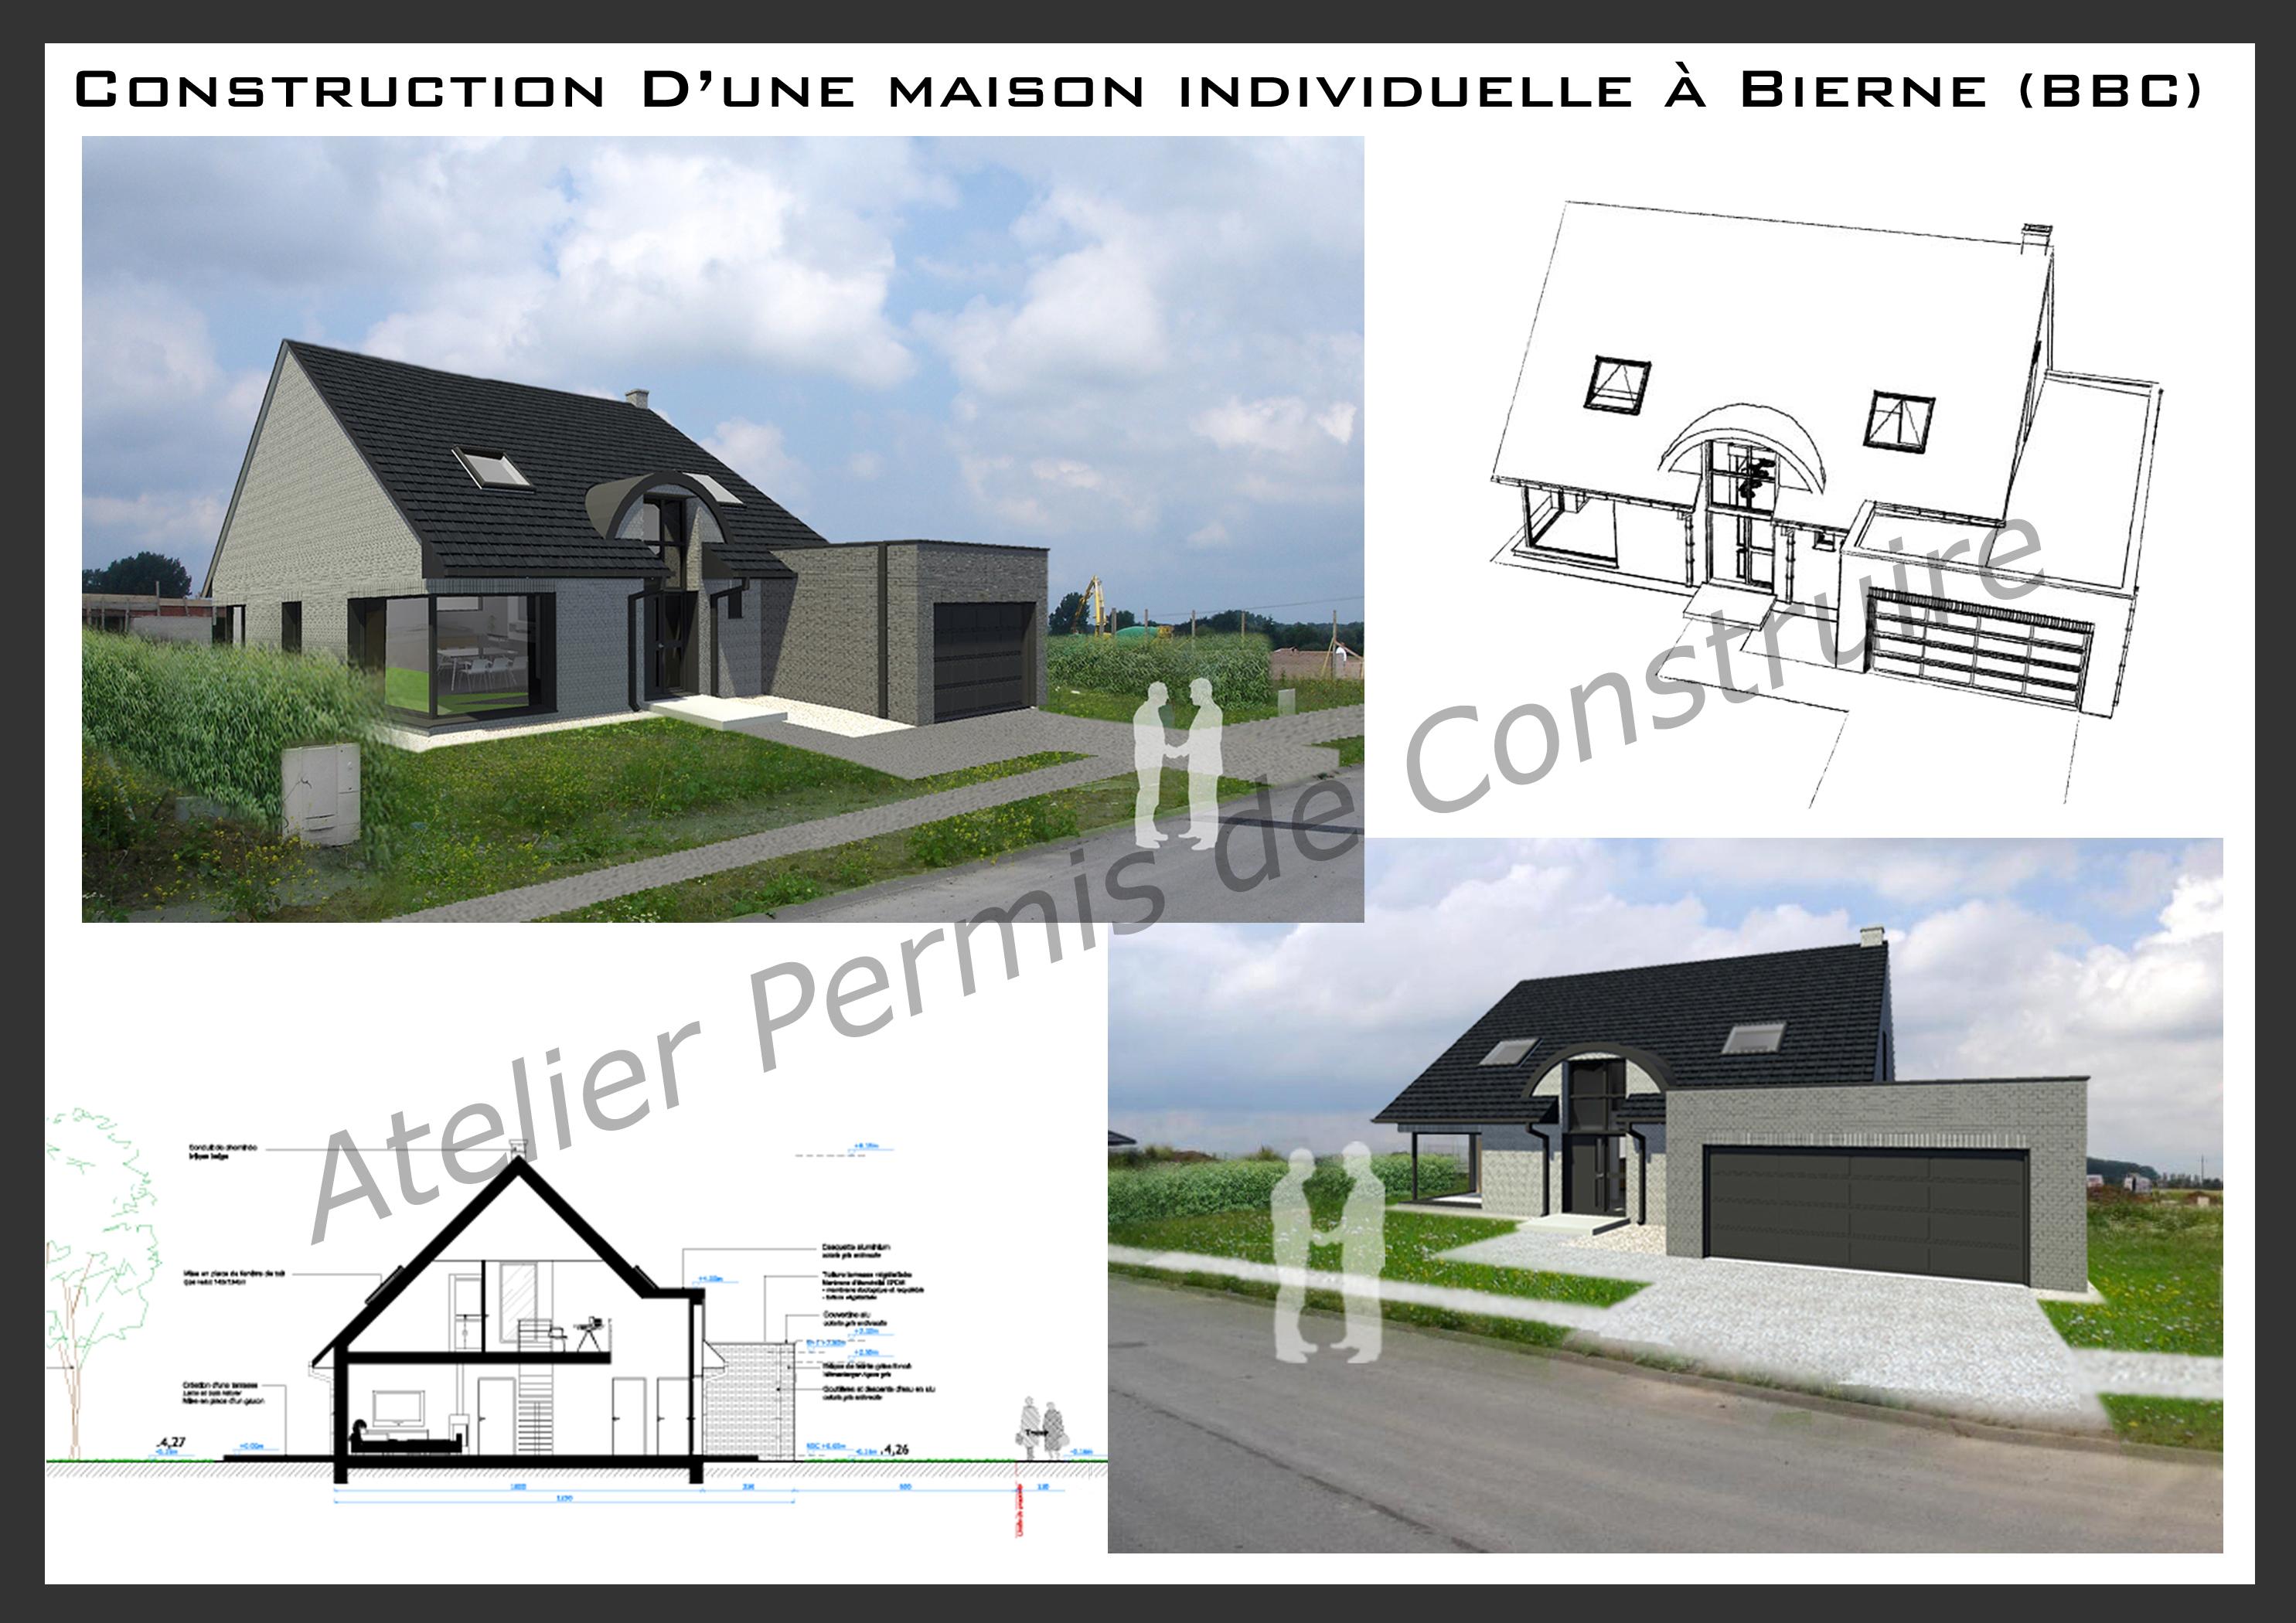 Construction d 39 une maison individuelle bierne for Construction de maison individuelle